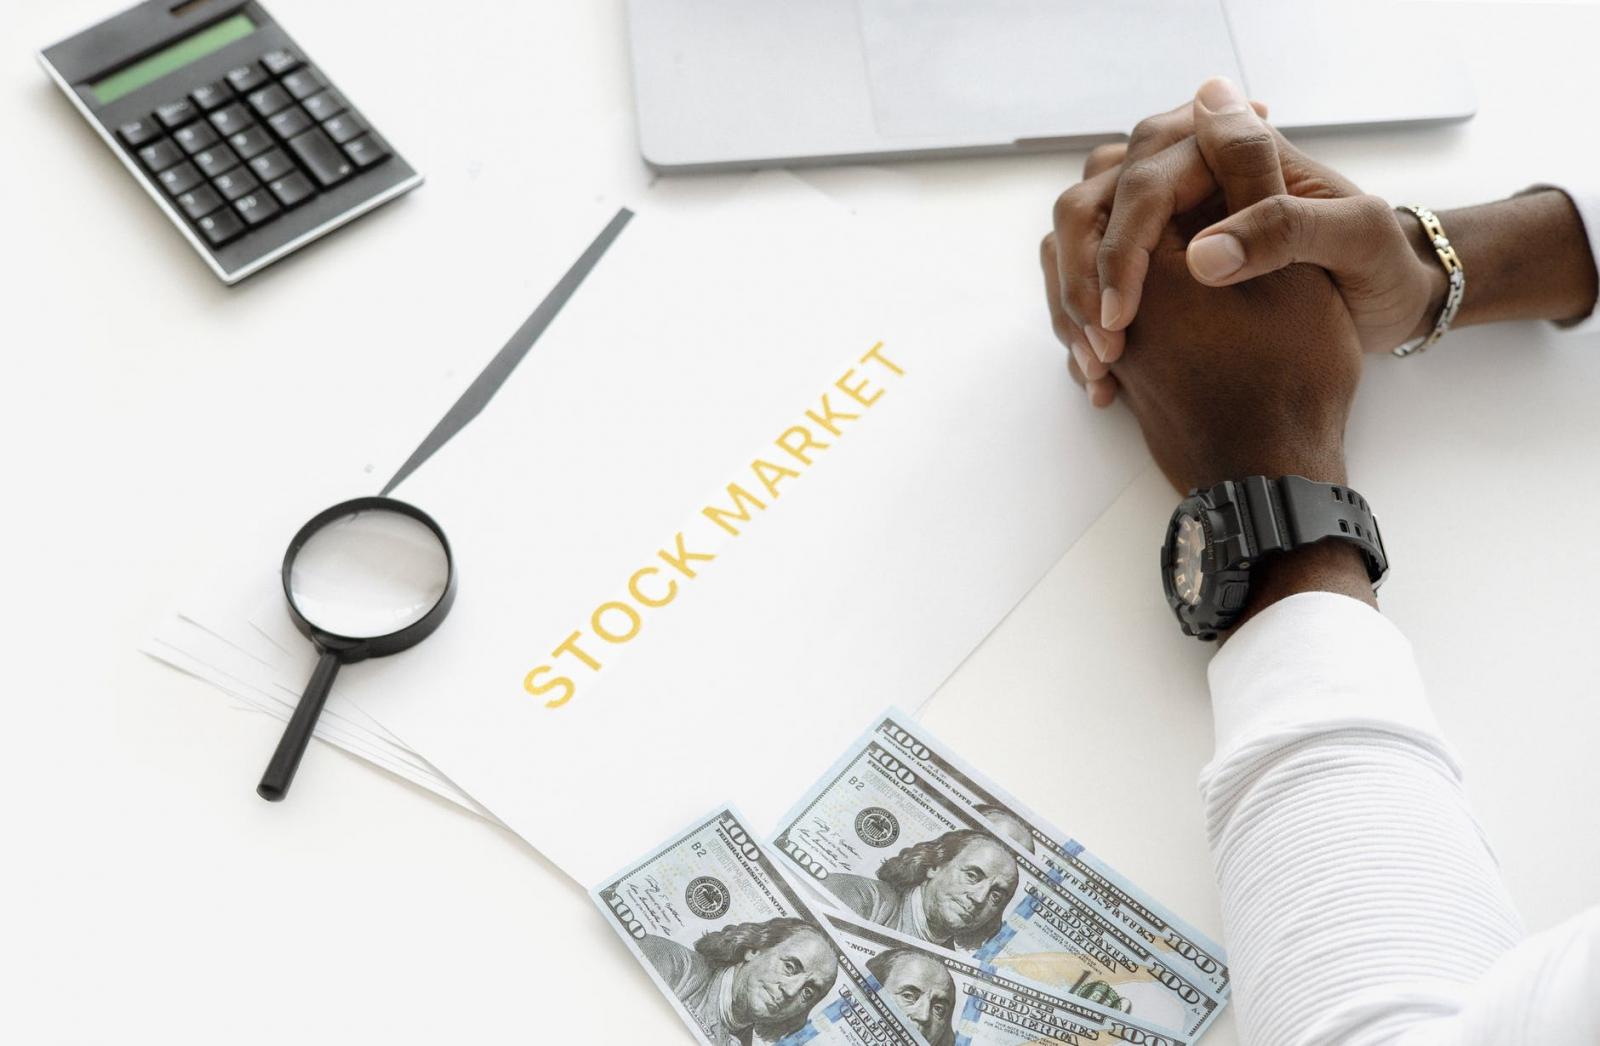 【理財專知】大、中、小型股票有什麼差別?投資哪個報酬率最高?